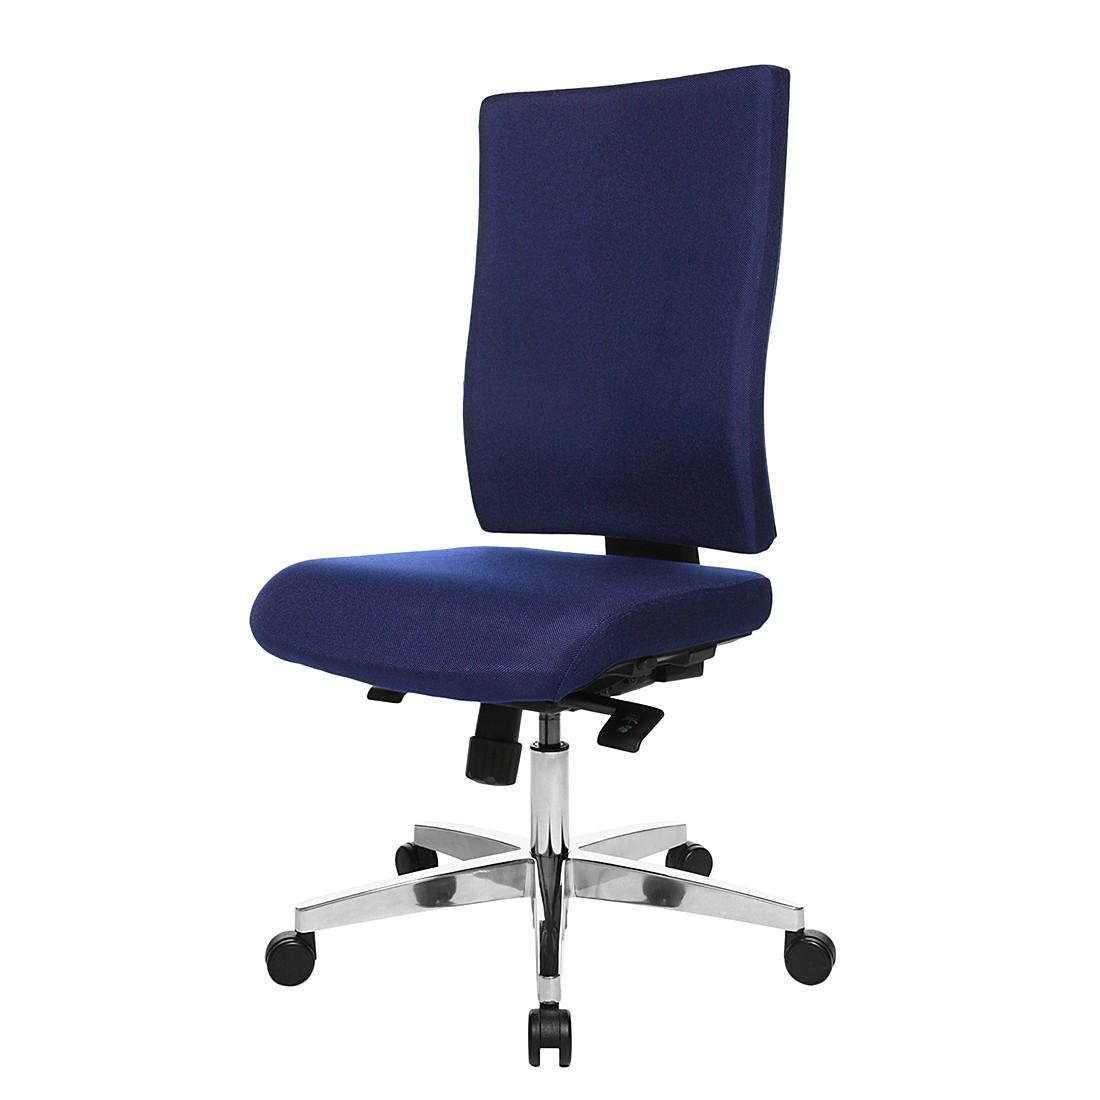 Bürodrehstuhl Lightstar 20 - Ohne Armlehnen - Blau, Topstar